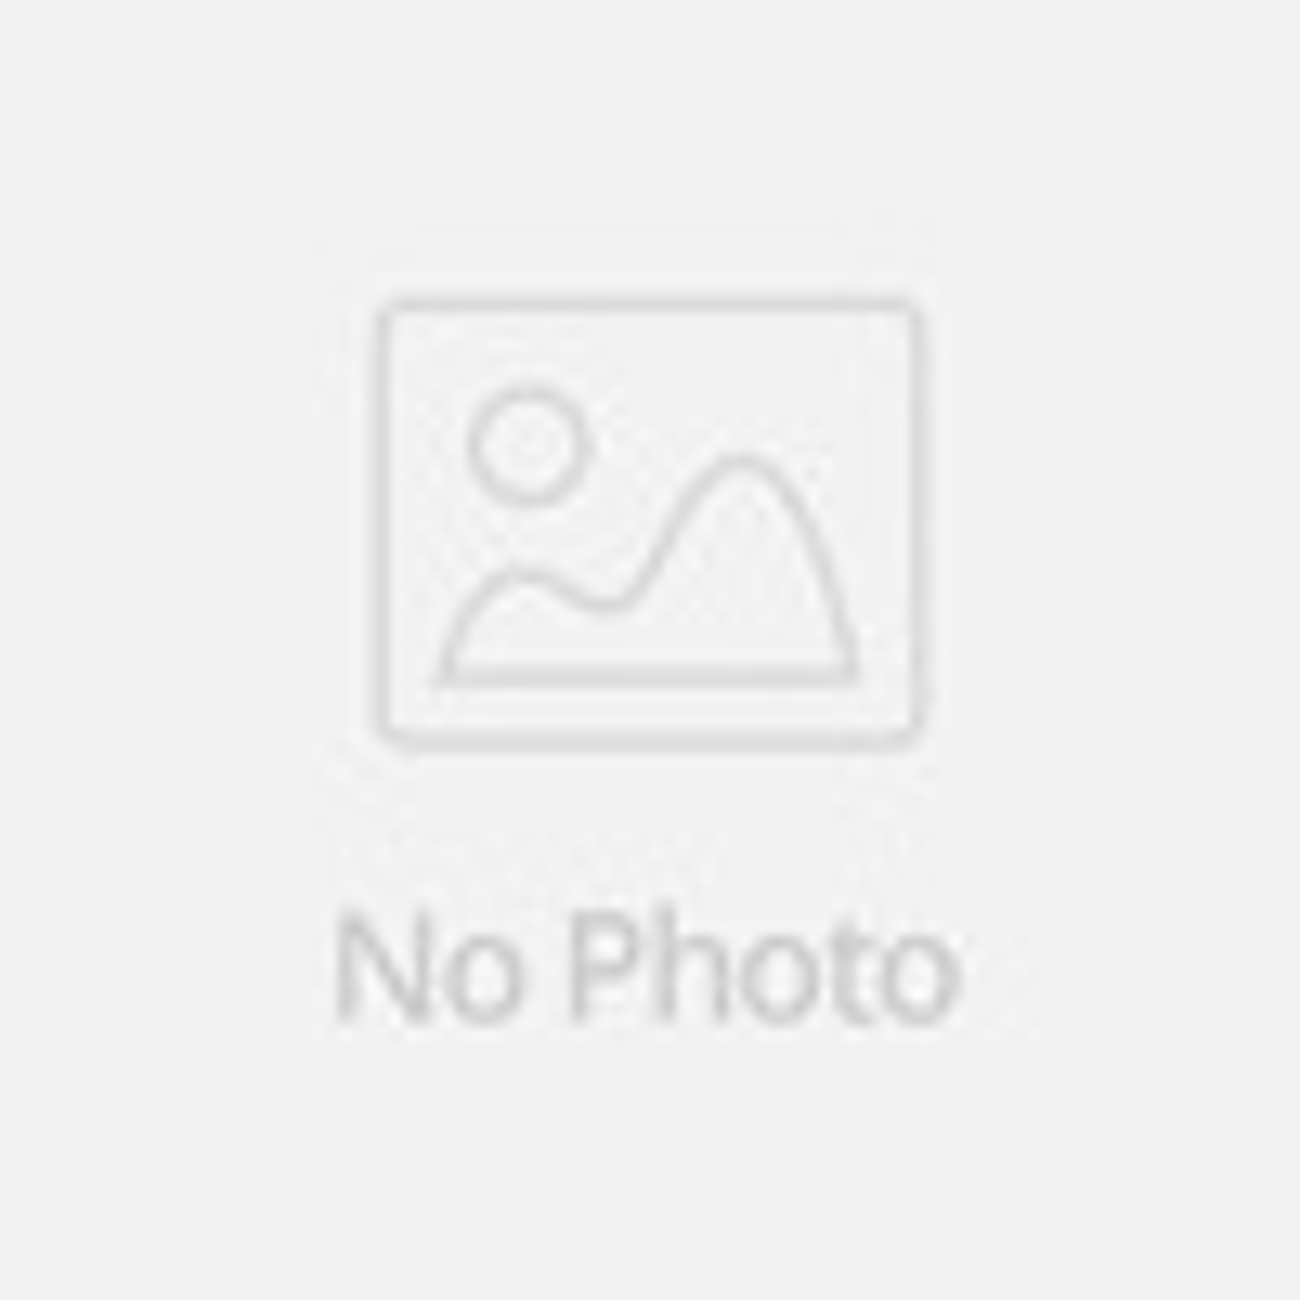 11 BYBB'S DARK 2020 Hip Hop Dark Streetwear Shorts Men Summer Casual Harajuku Tactical Loose Fake Two Pieces Short Pants Joggers